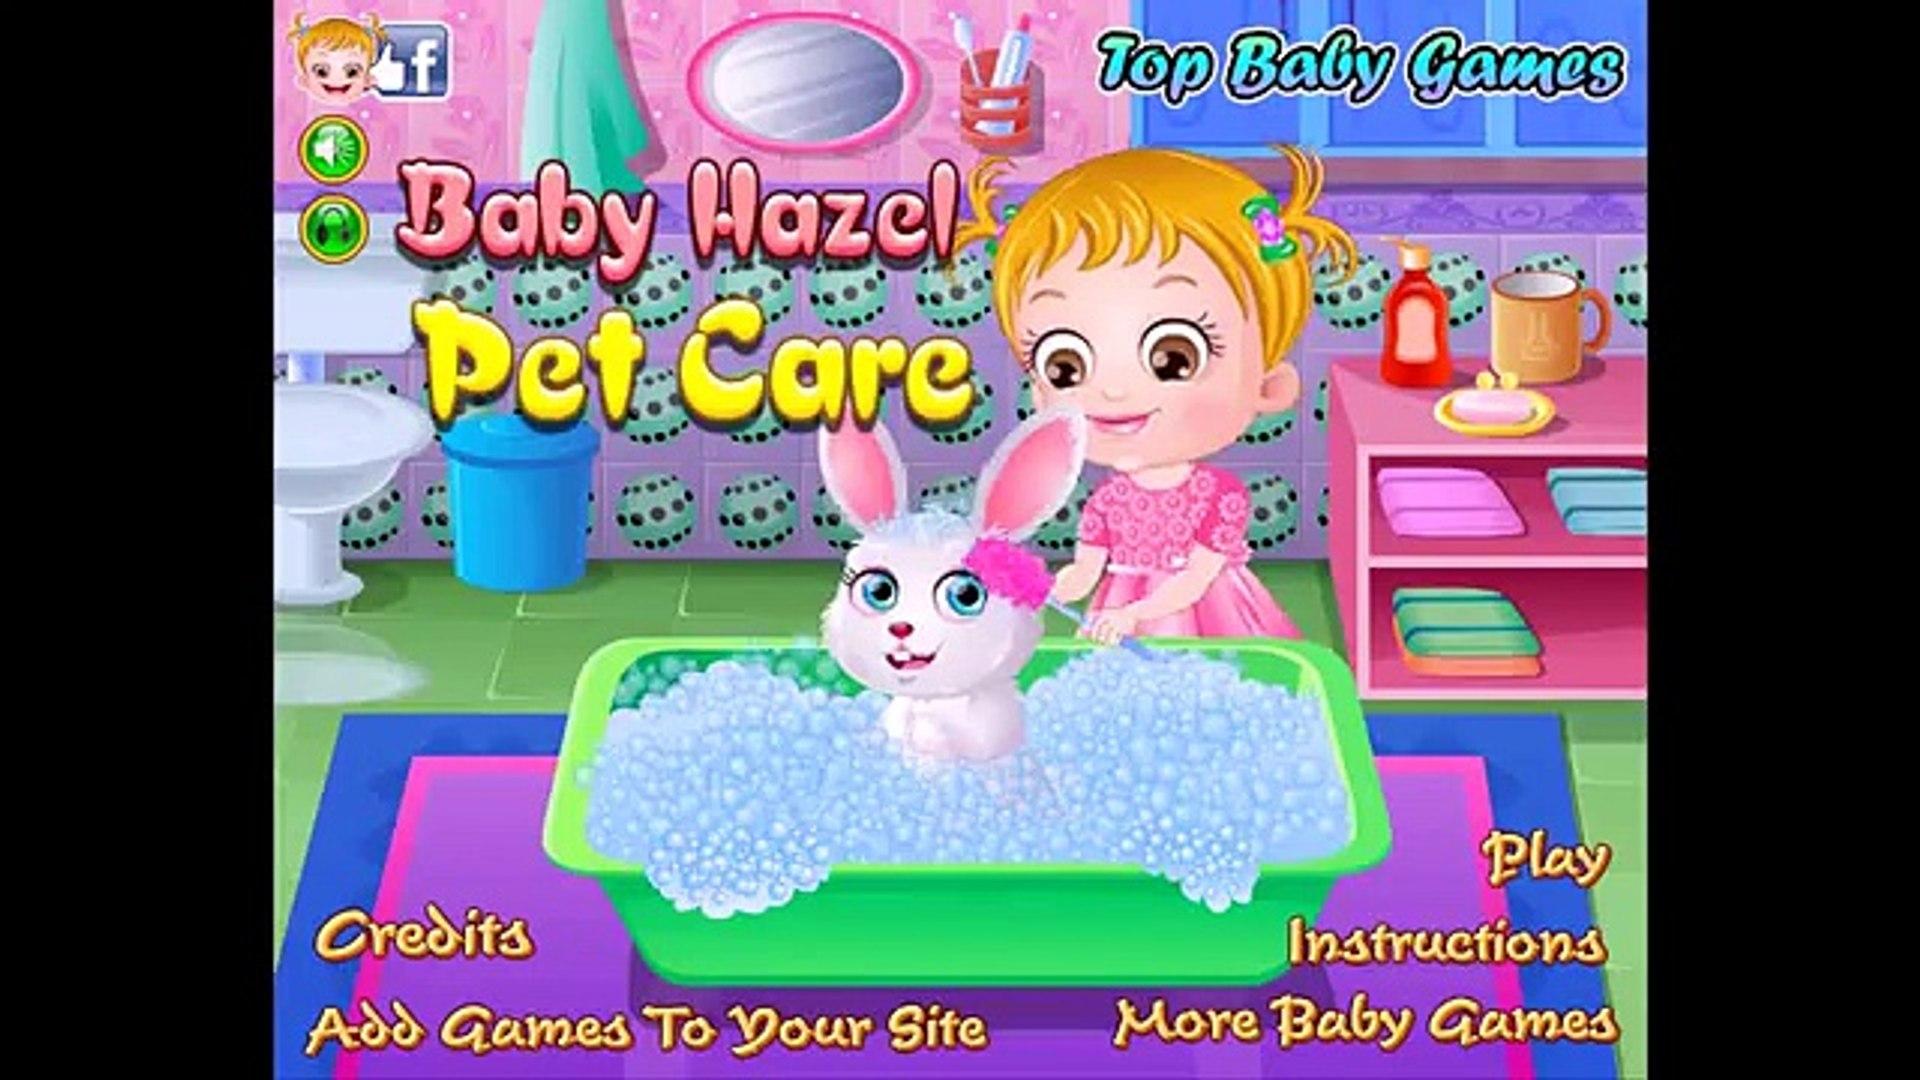 Baby Hazel Pet Care - Baby Hazel Games